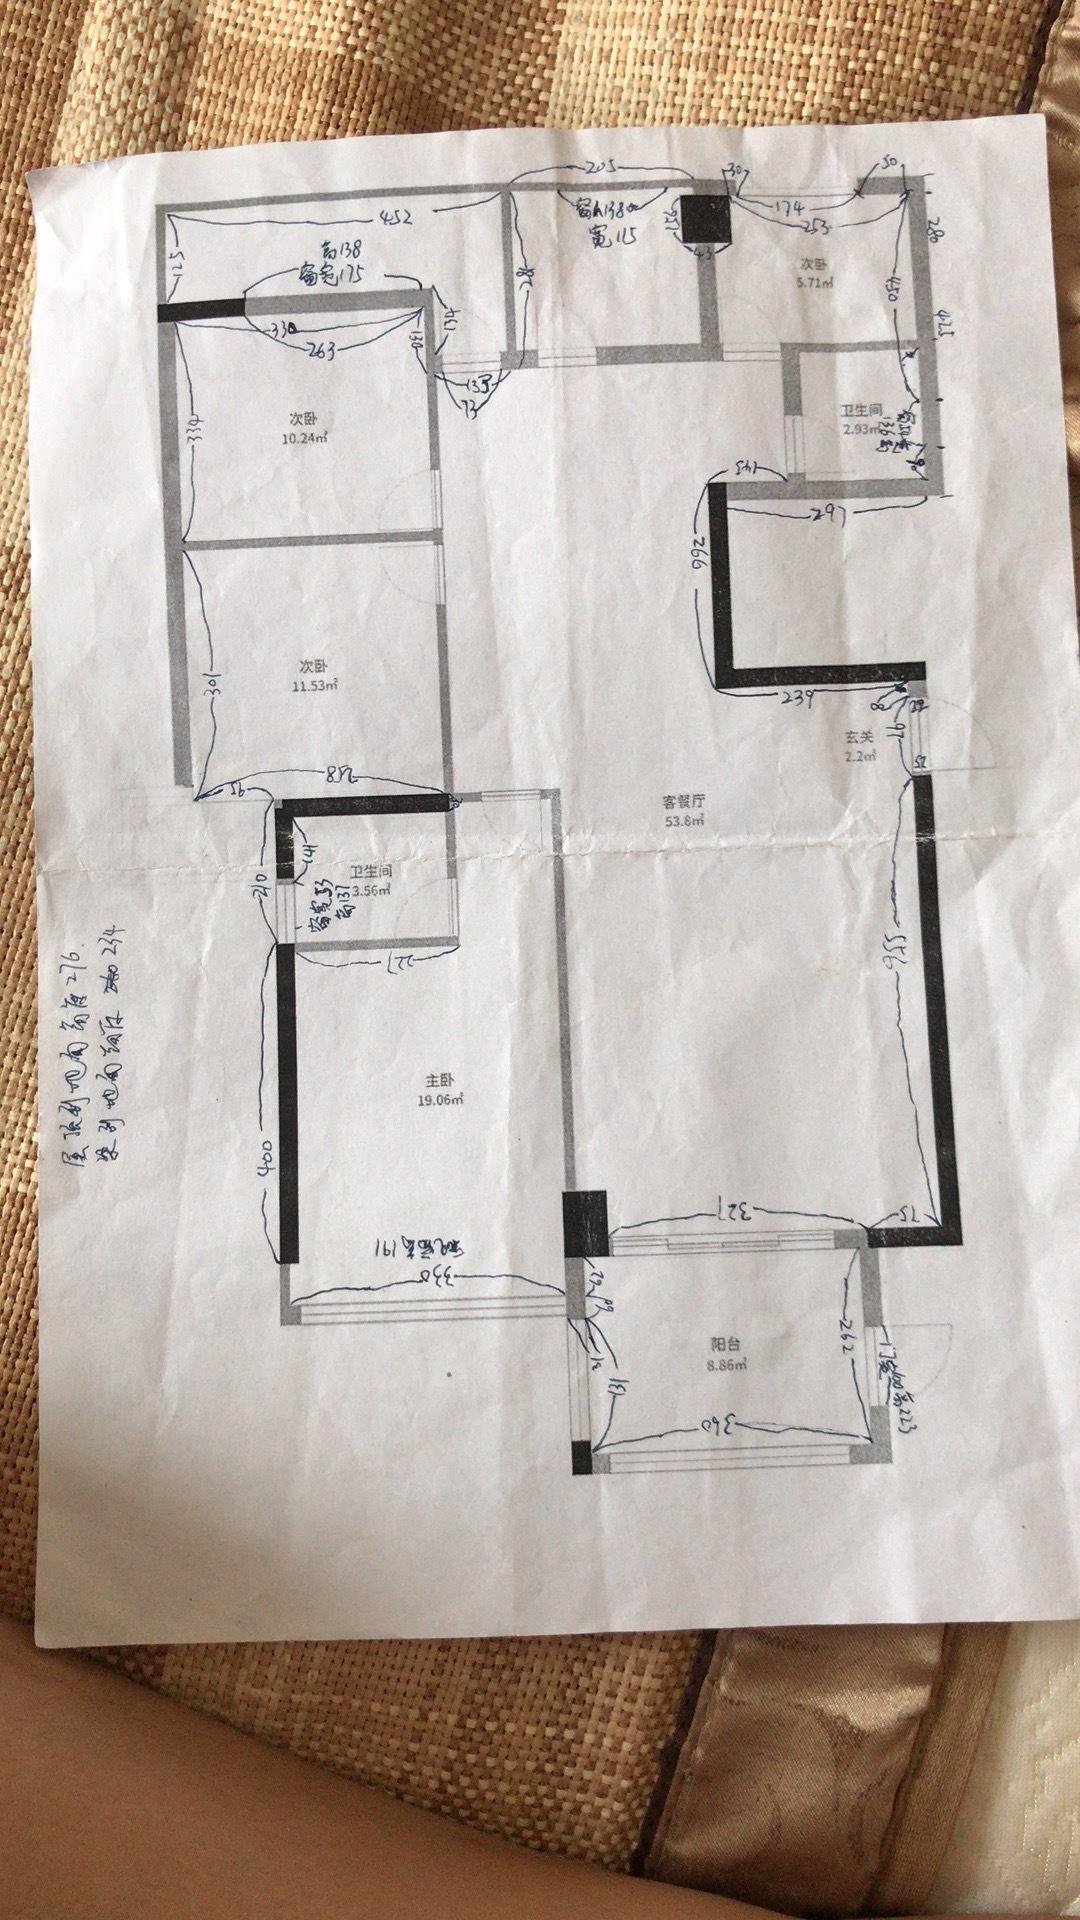 手绘房屋原始平面图